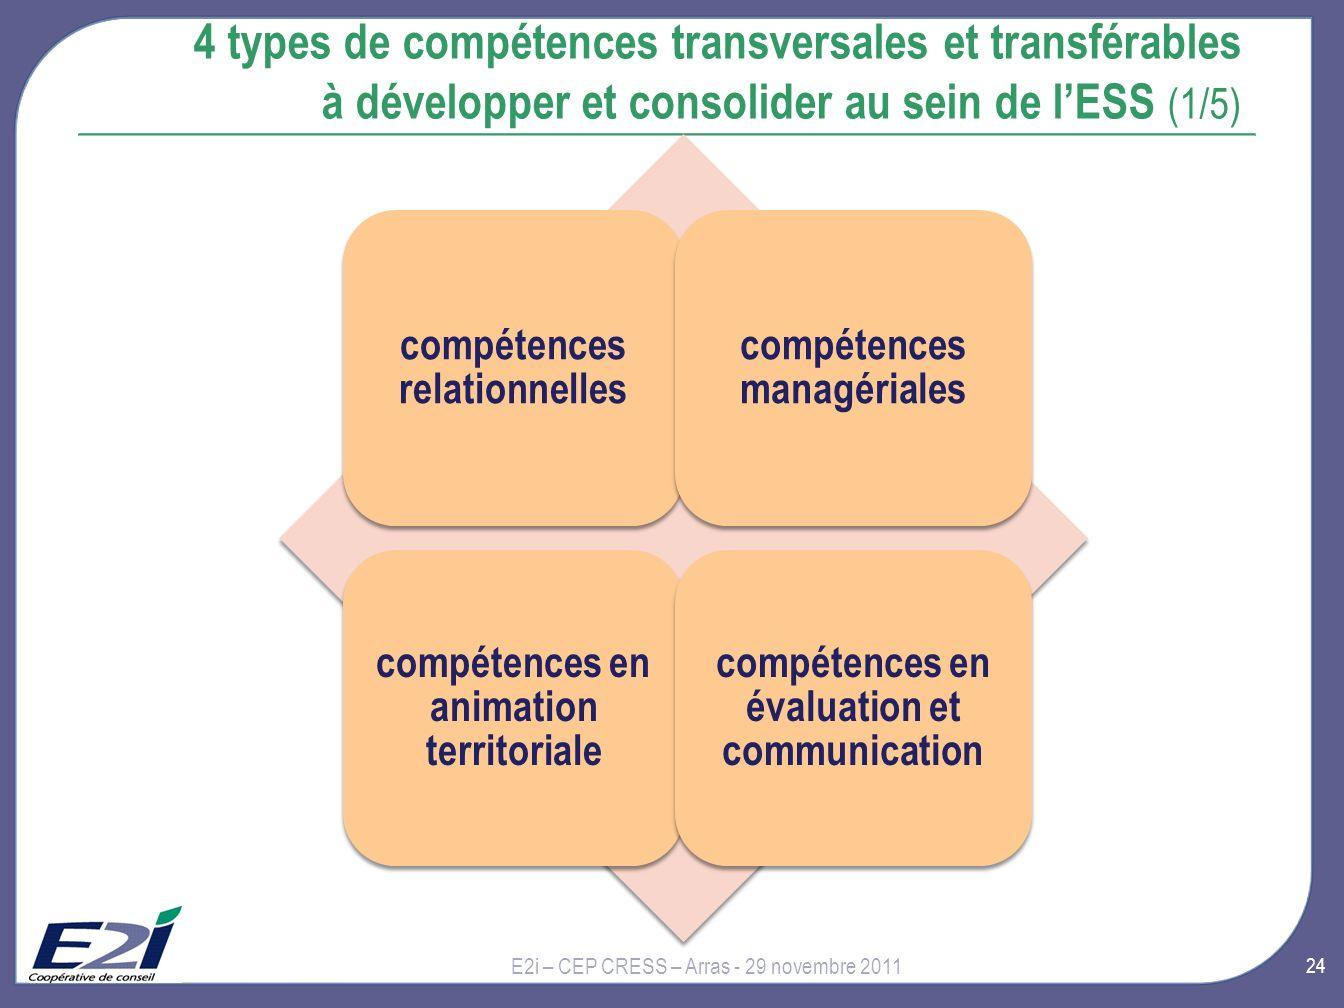 29 novembre 2011 4 types de compétences transversales et transférables à développer et consolider au sein de l'ESS (1/5)